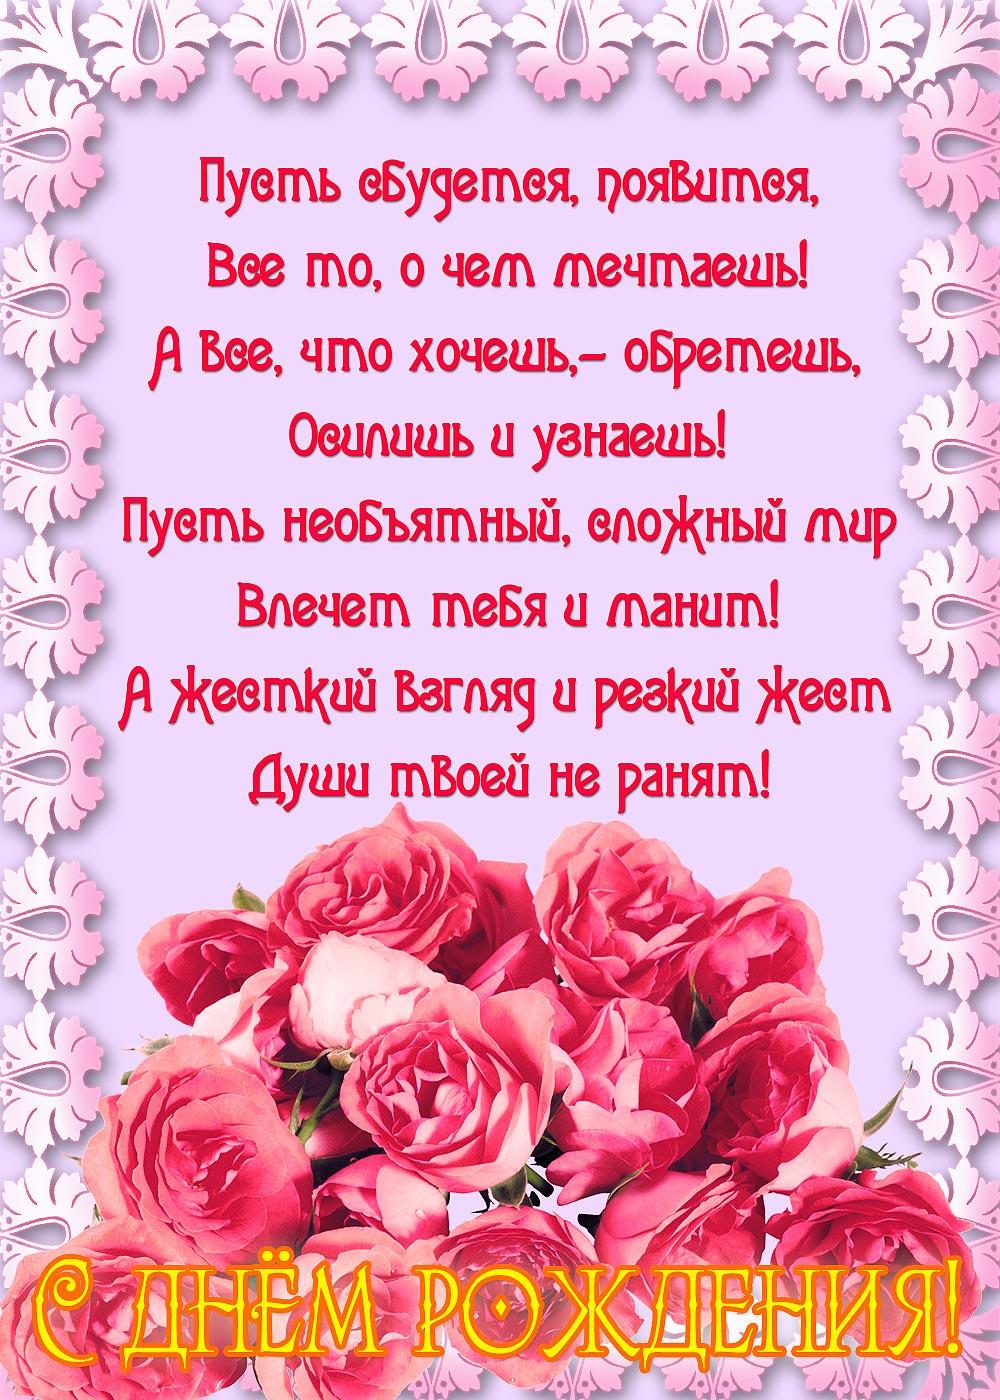 Поздравления с днем рождения молодой замужней женщине в прозе